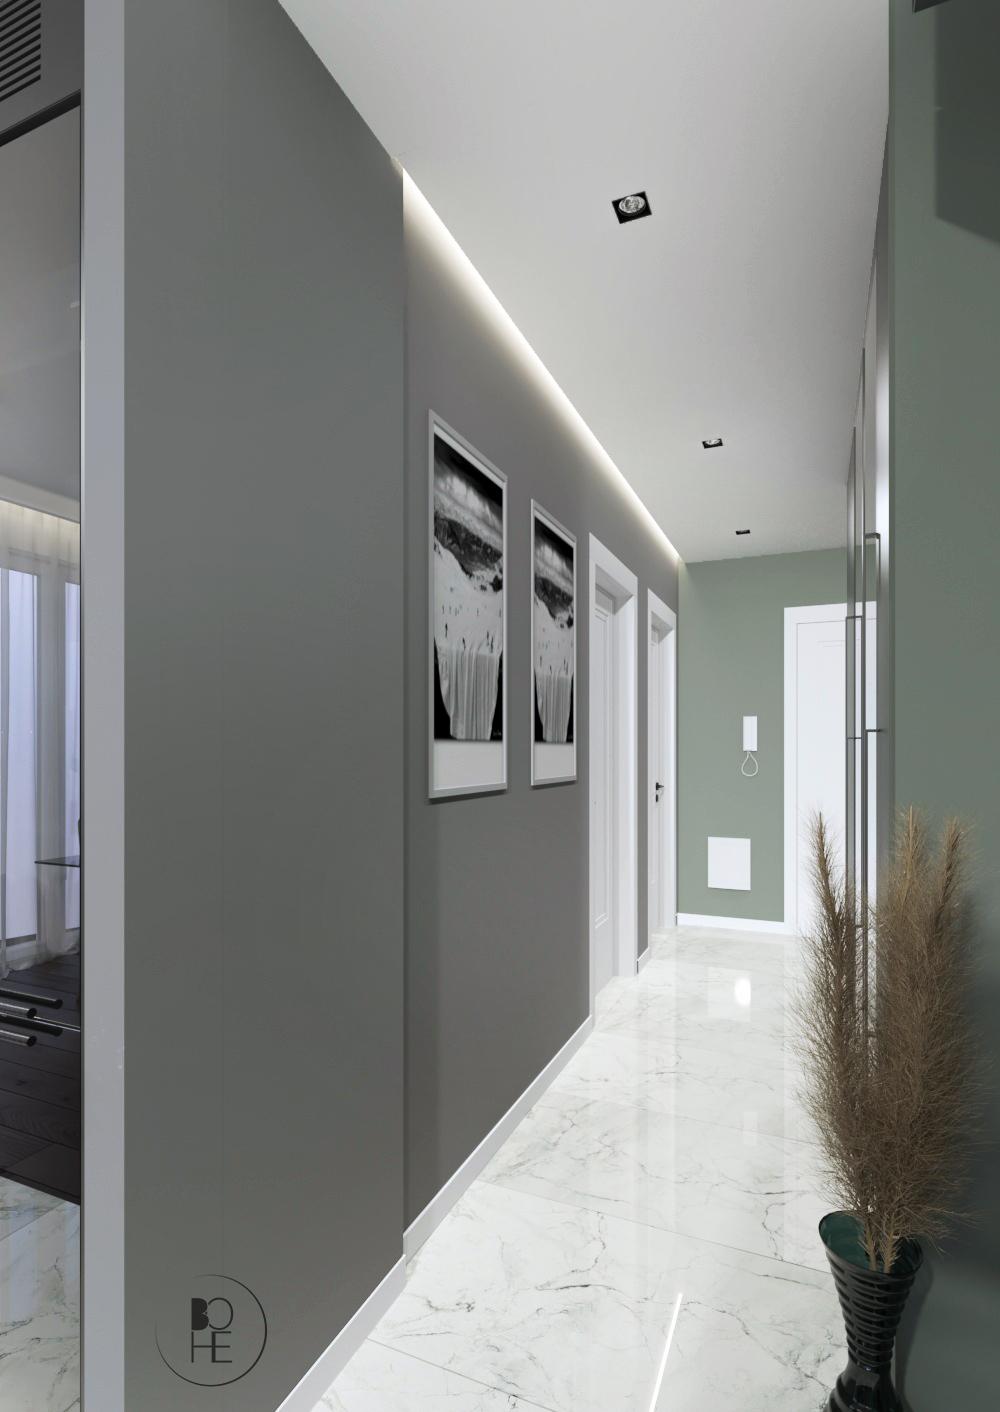 projekt wnętrza korytarza z podwieszanym sufitem i ledami